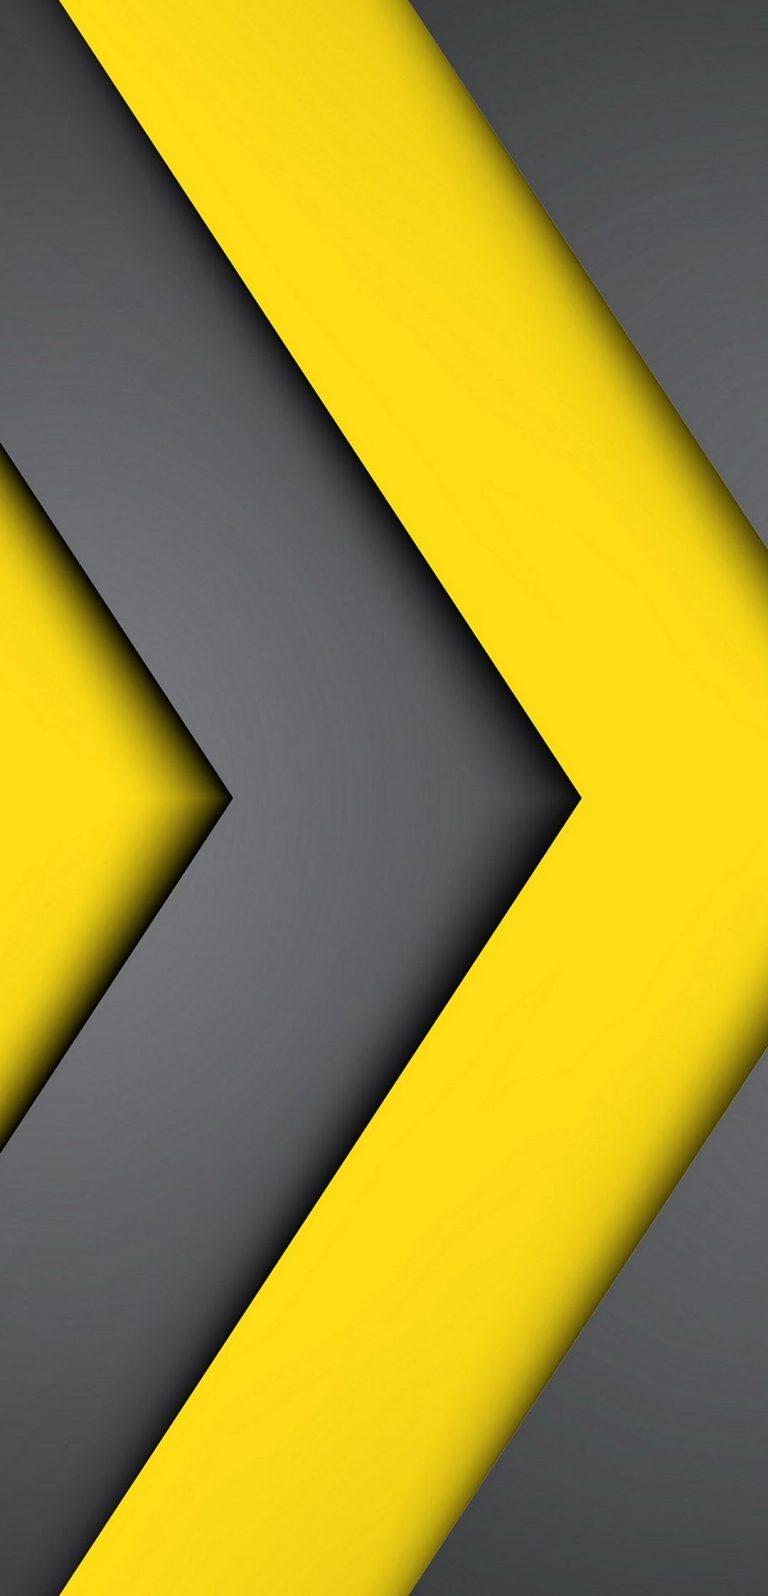 1080x2244 Wallpaper 003 768x1596